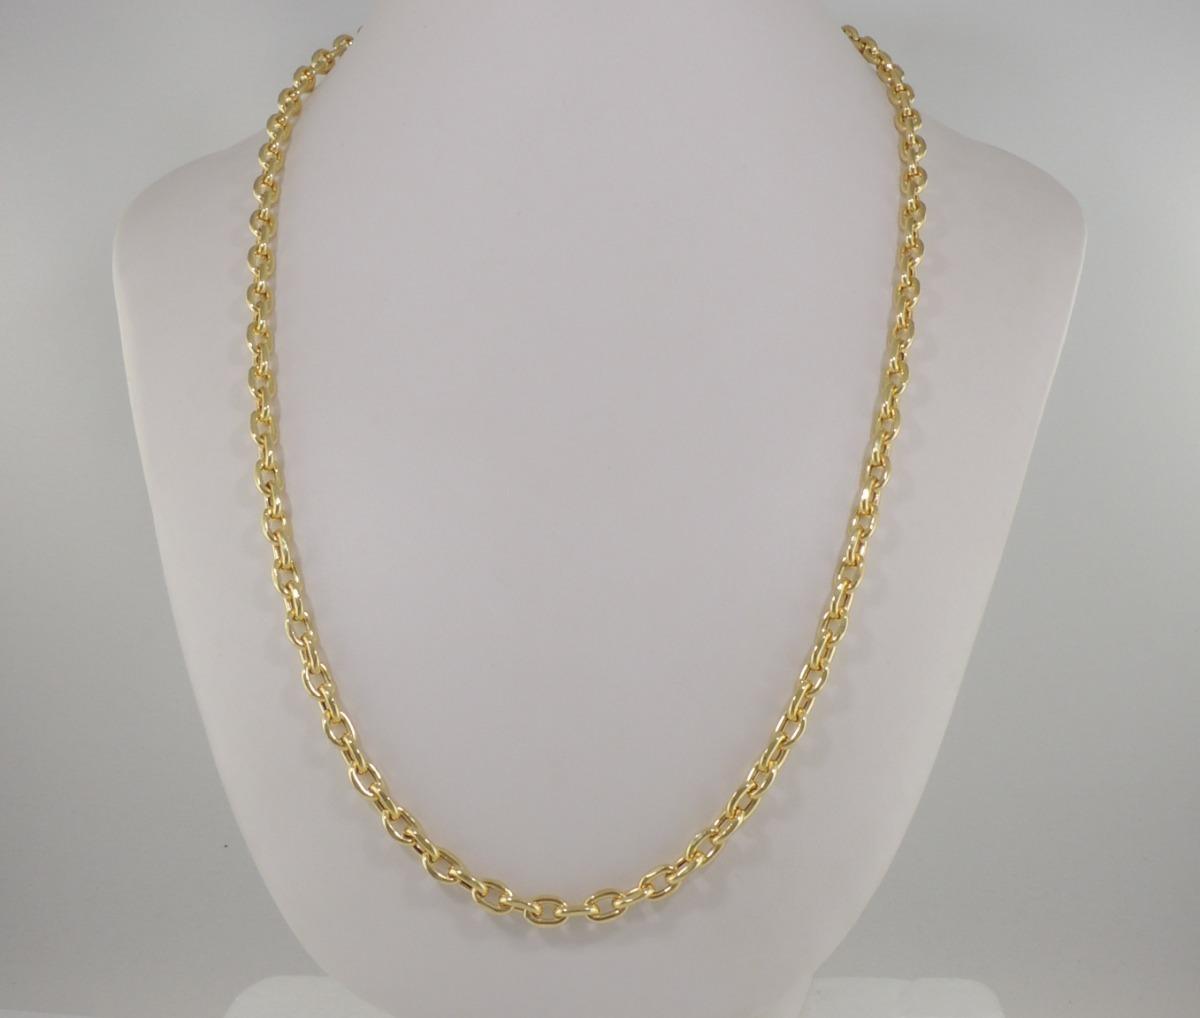 65059877a6e corrente masculina cordão cadeado 60 cm ouro 18k 750 5 mm. Carregando zoom.